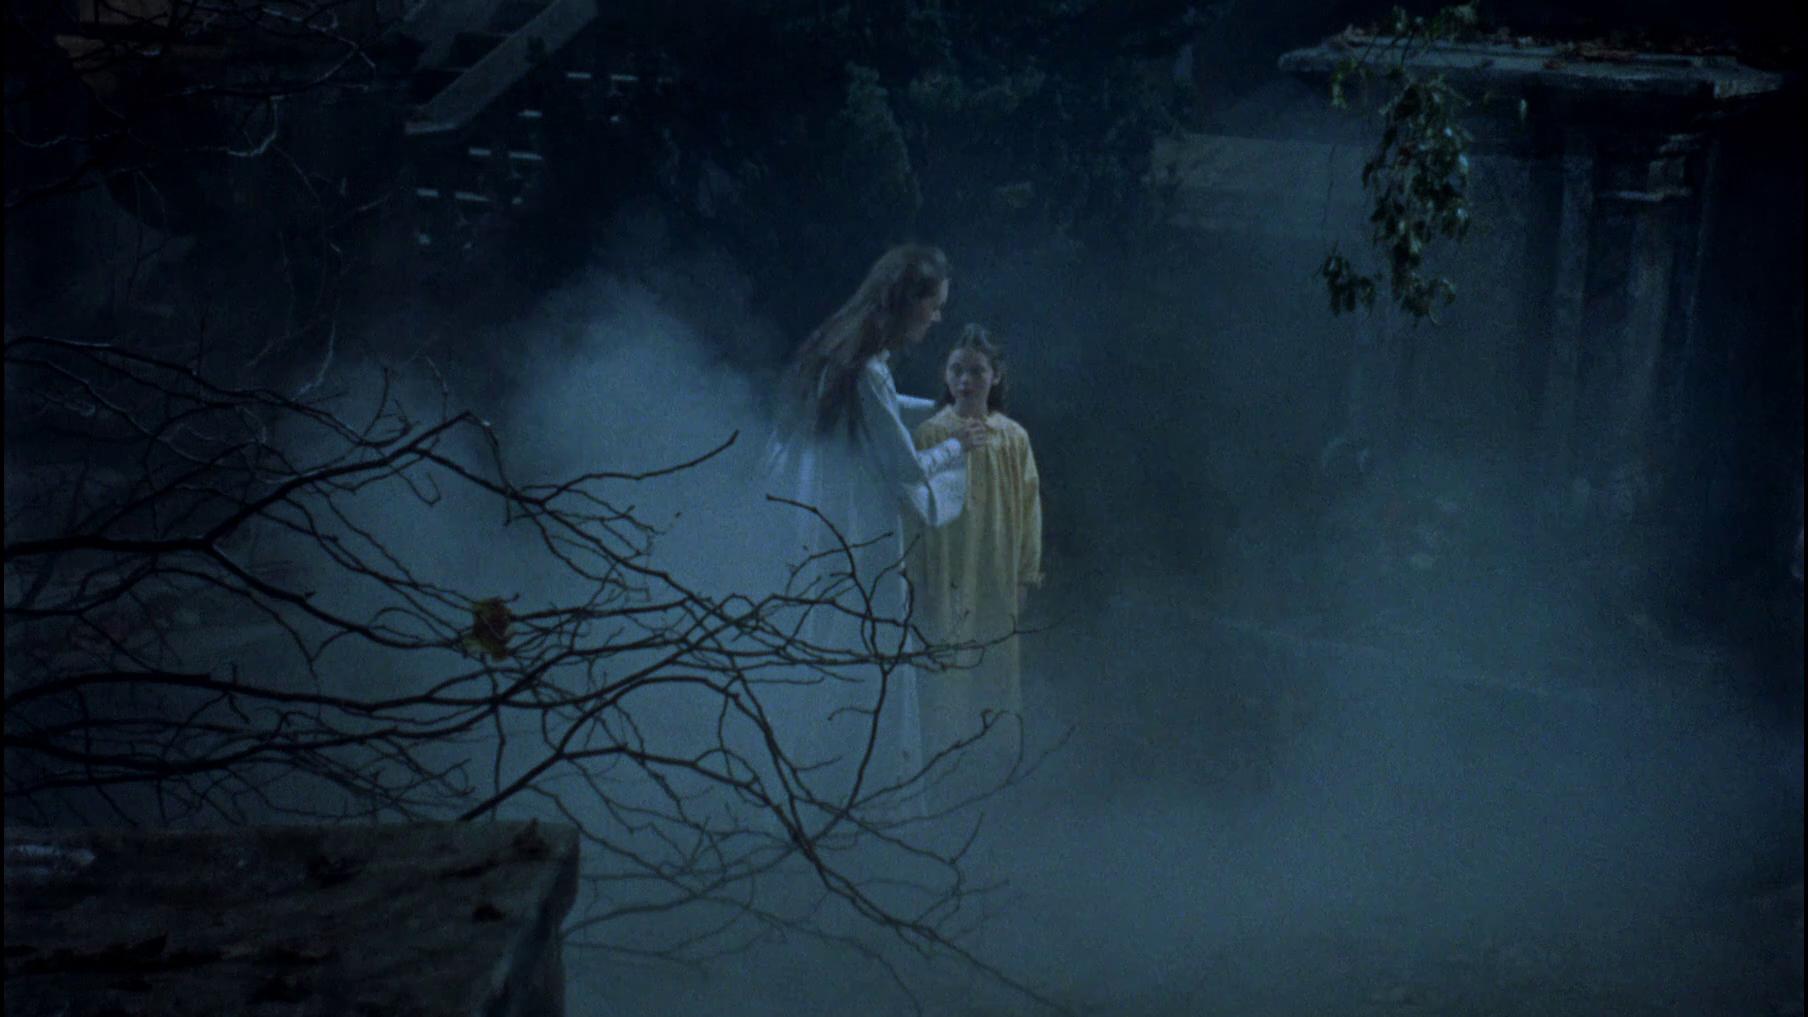 Vampirin Luzy wählt ein Kind als Opfer